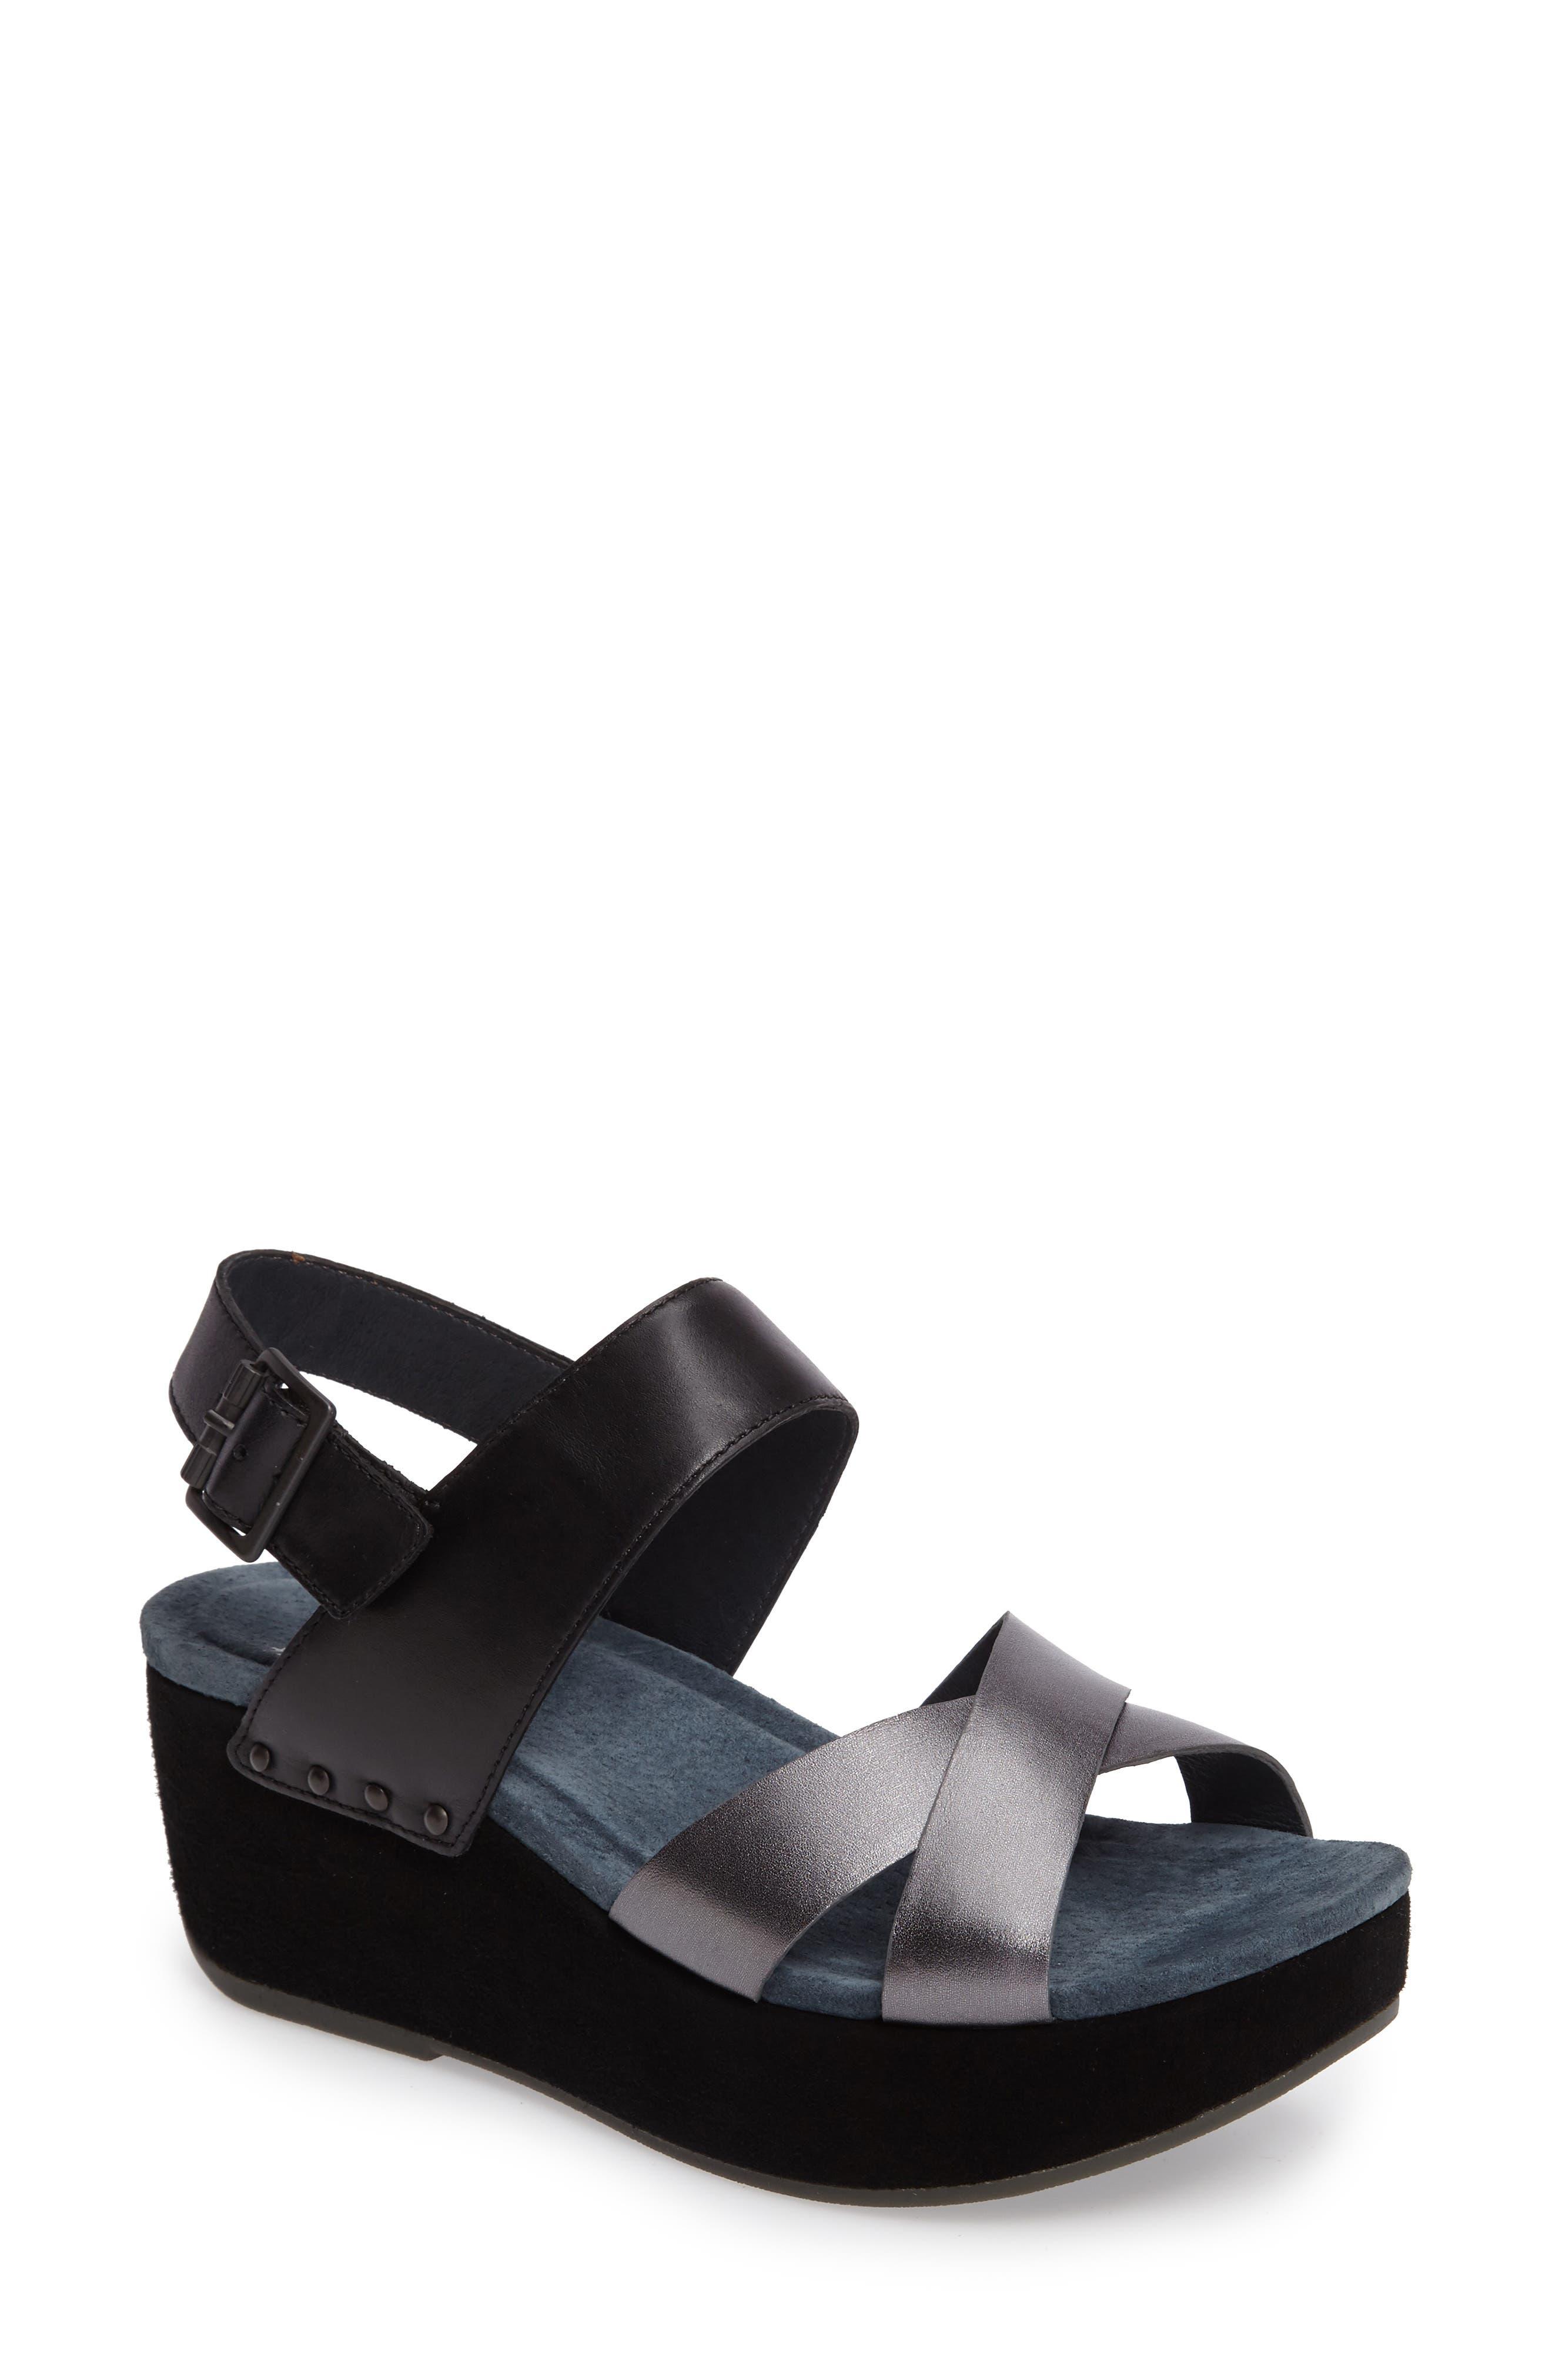 Stasia Platform Wedge Sandal,                         Main,                         color, 001